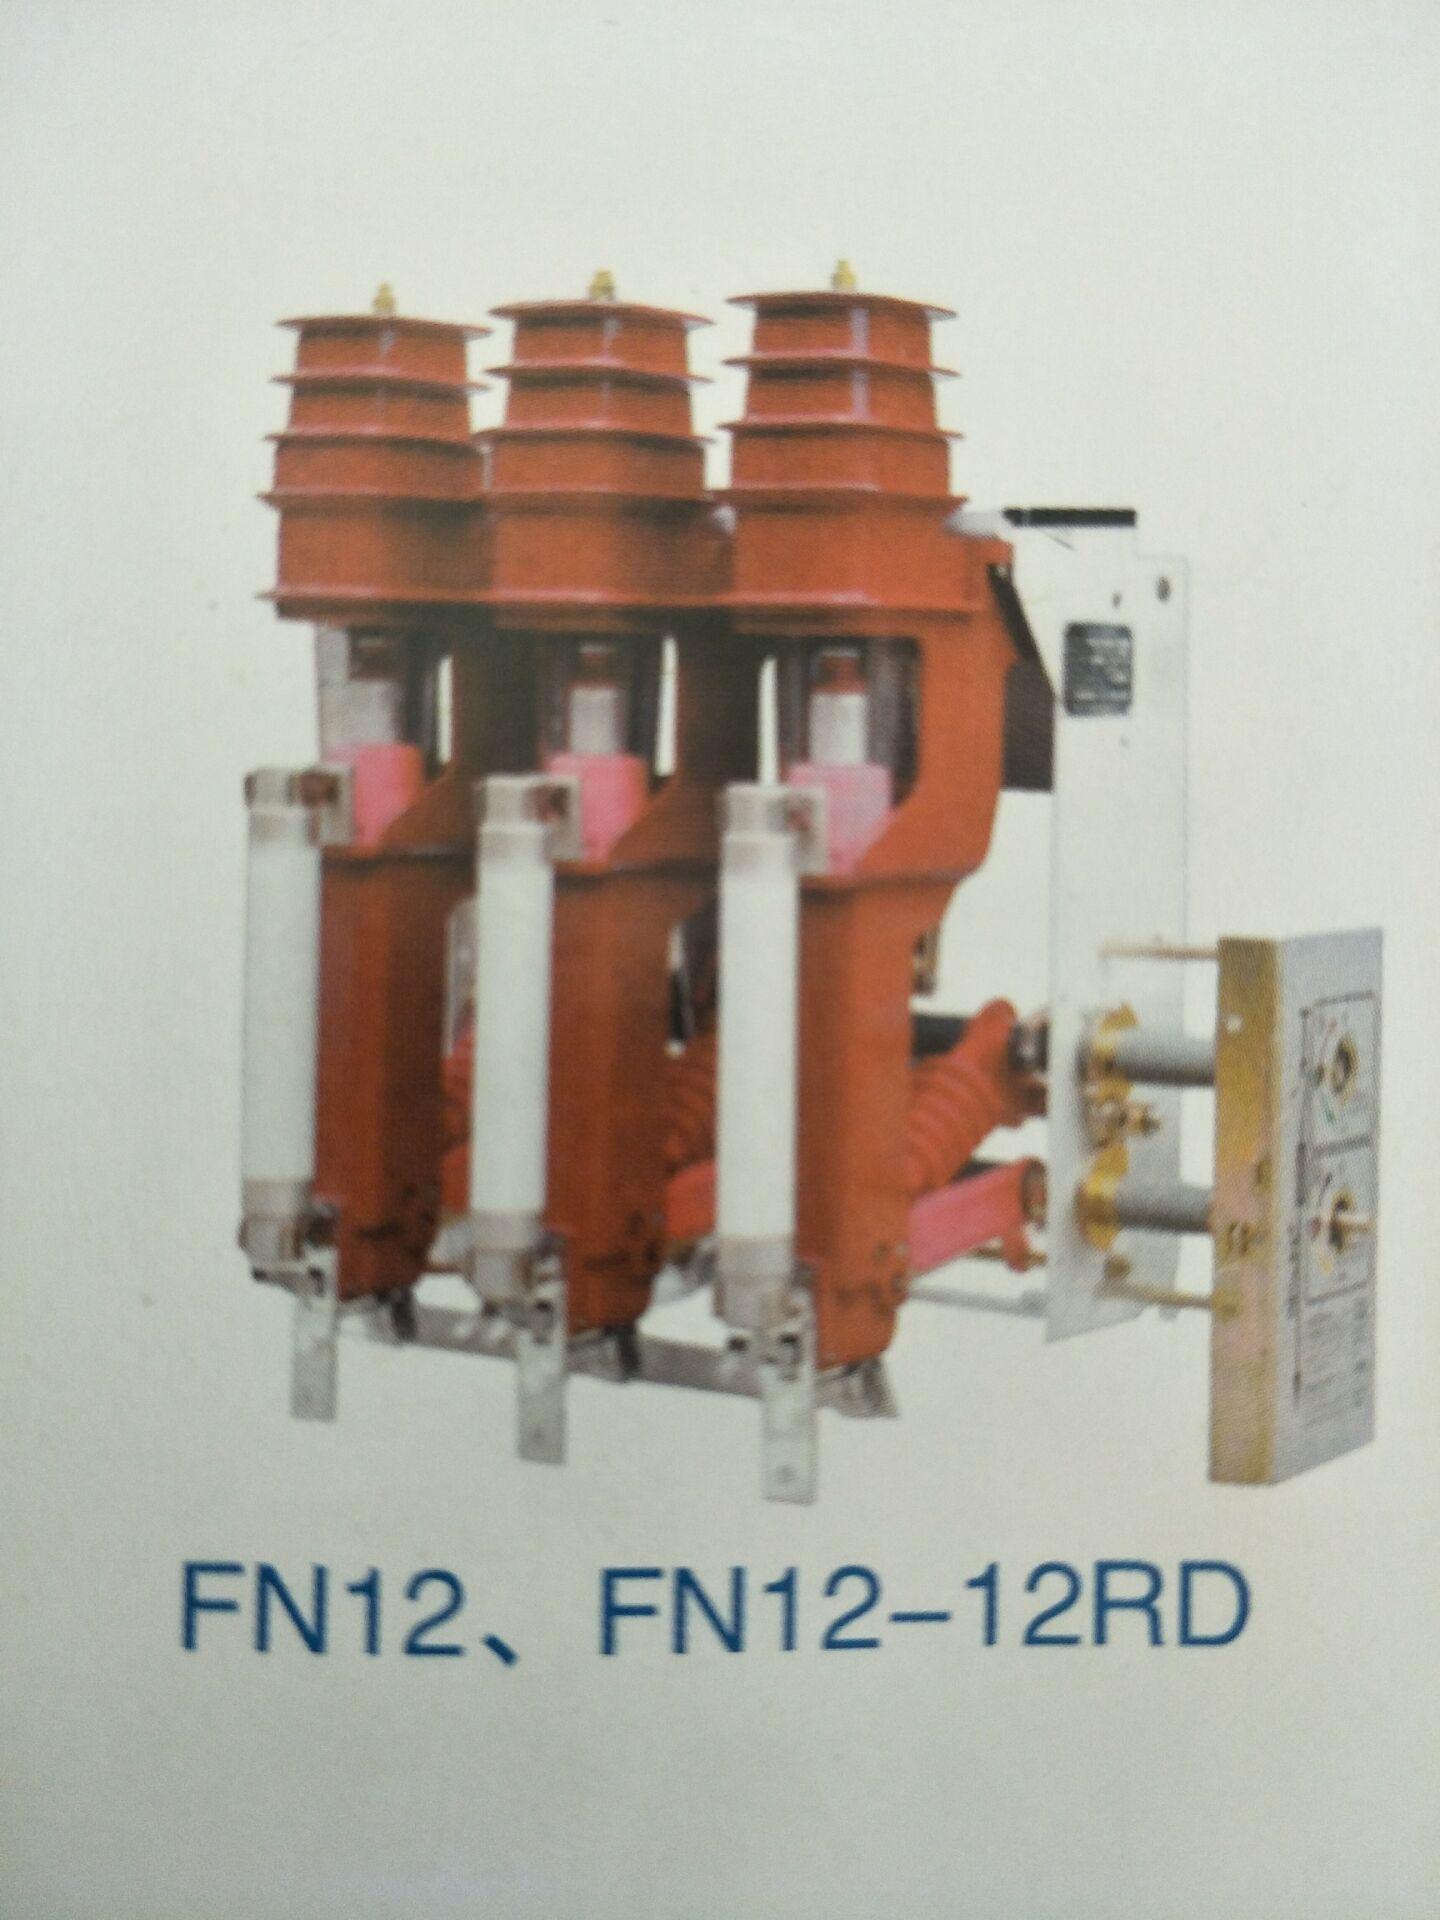 FN12.FN12-12RD